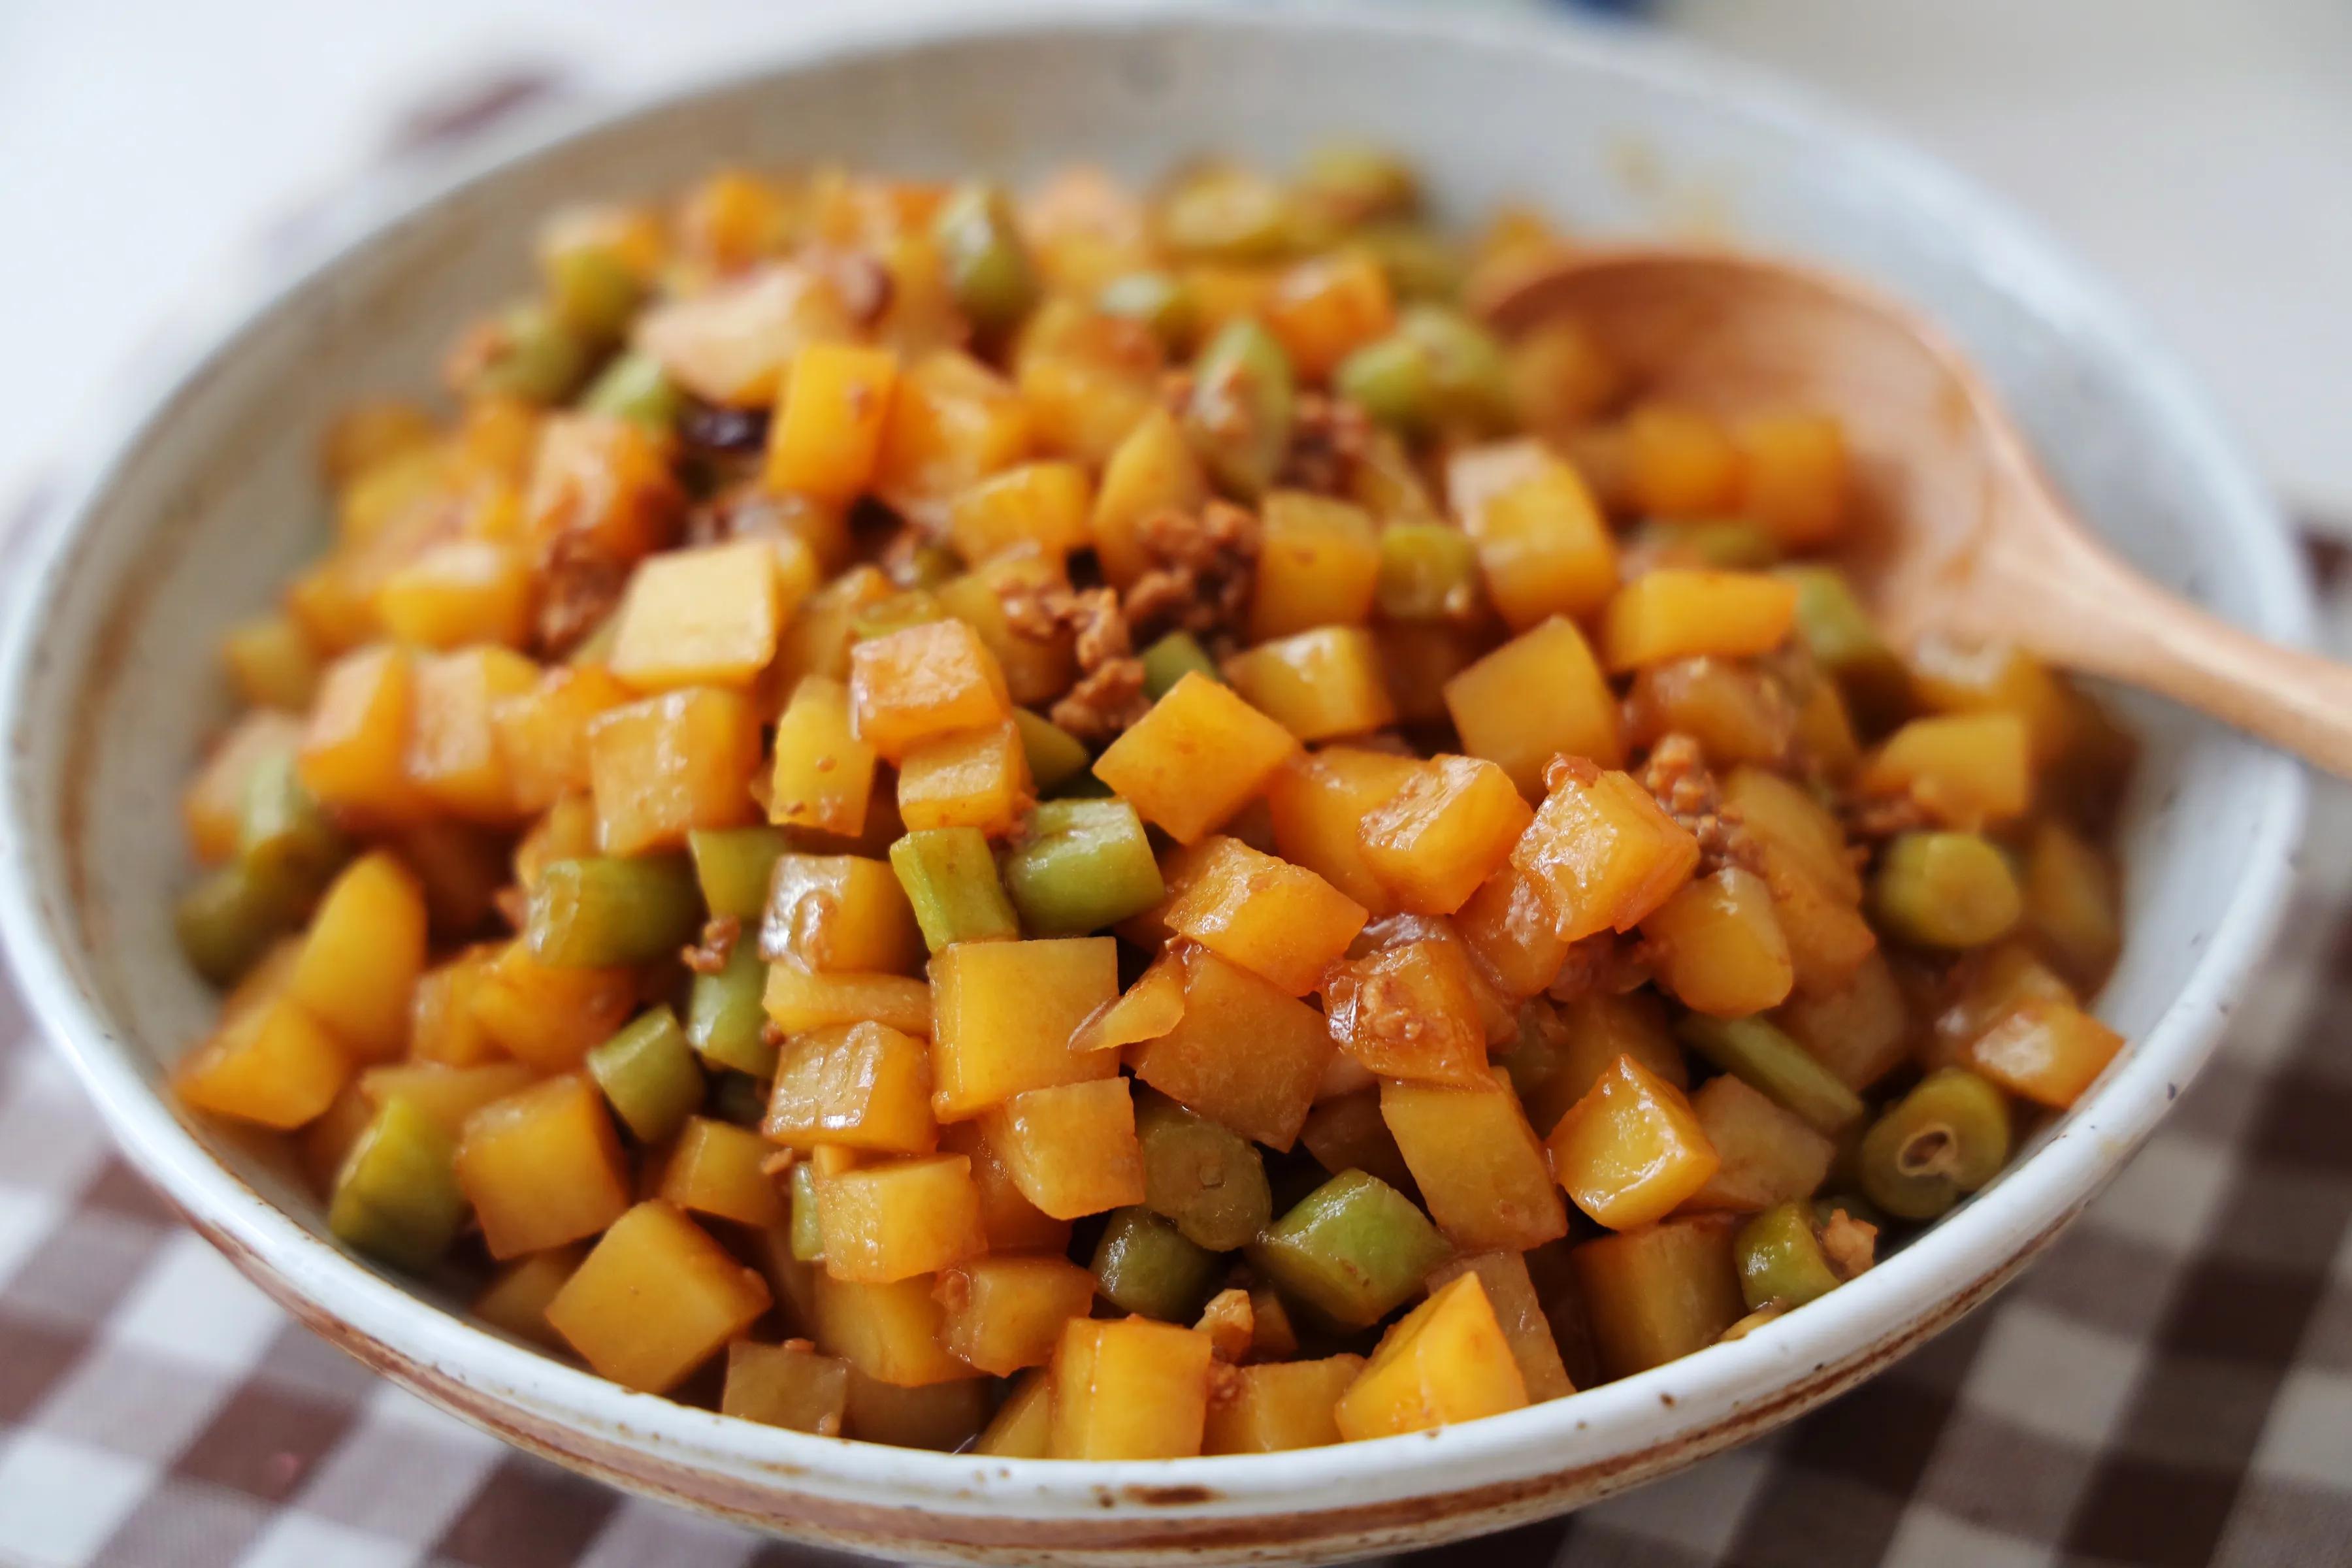 夏天就愛吃這樣的下飯菜,簡單好做,醬香濃郁,吃多少次都不膩